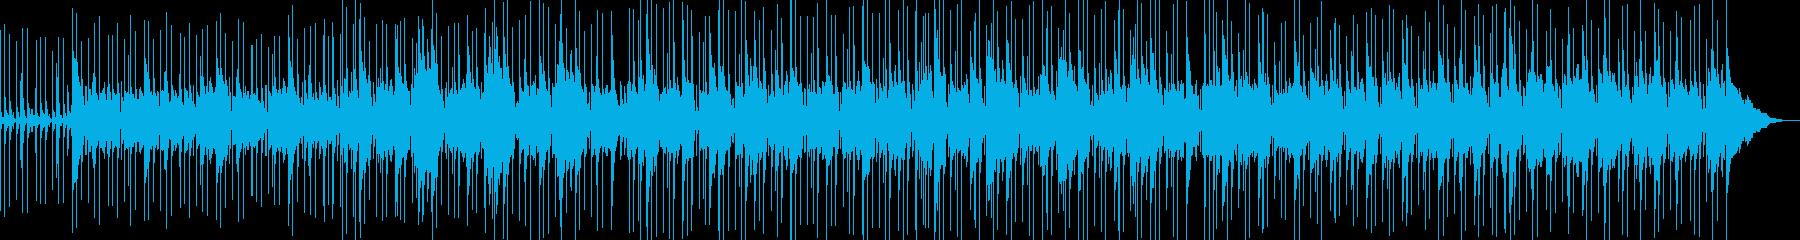 グルービング、アコースティックベー...の再生済みの波形